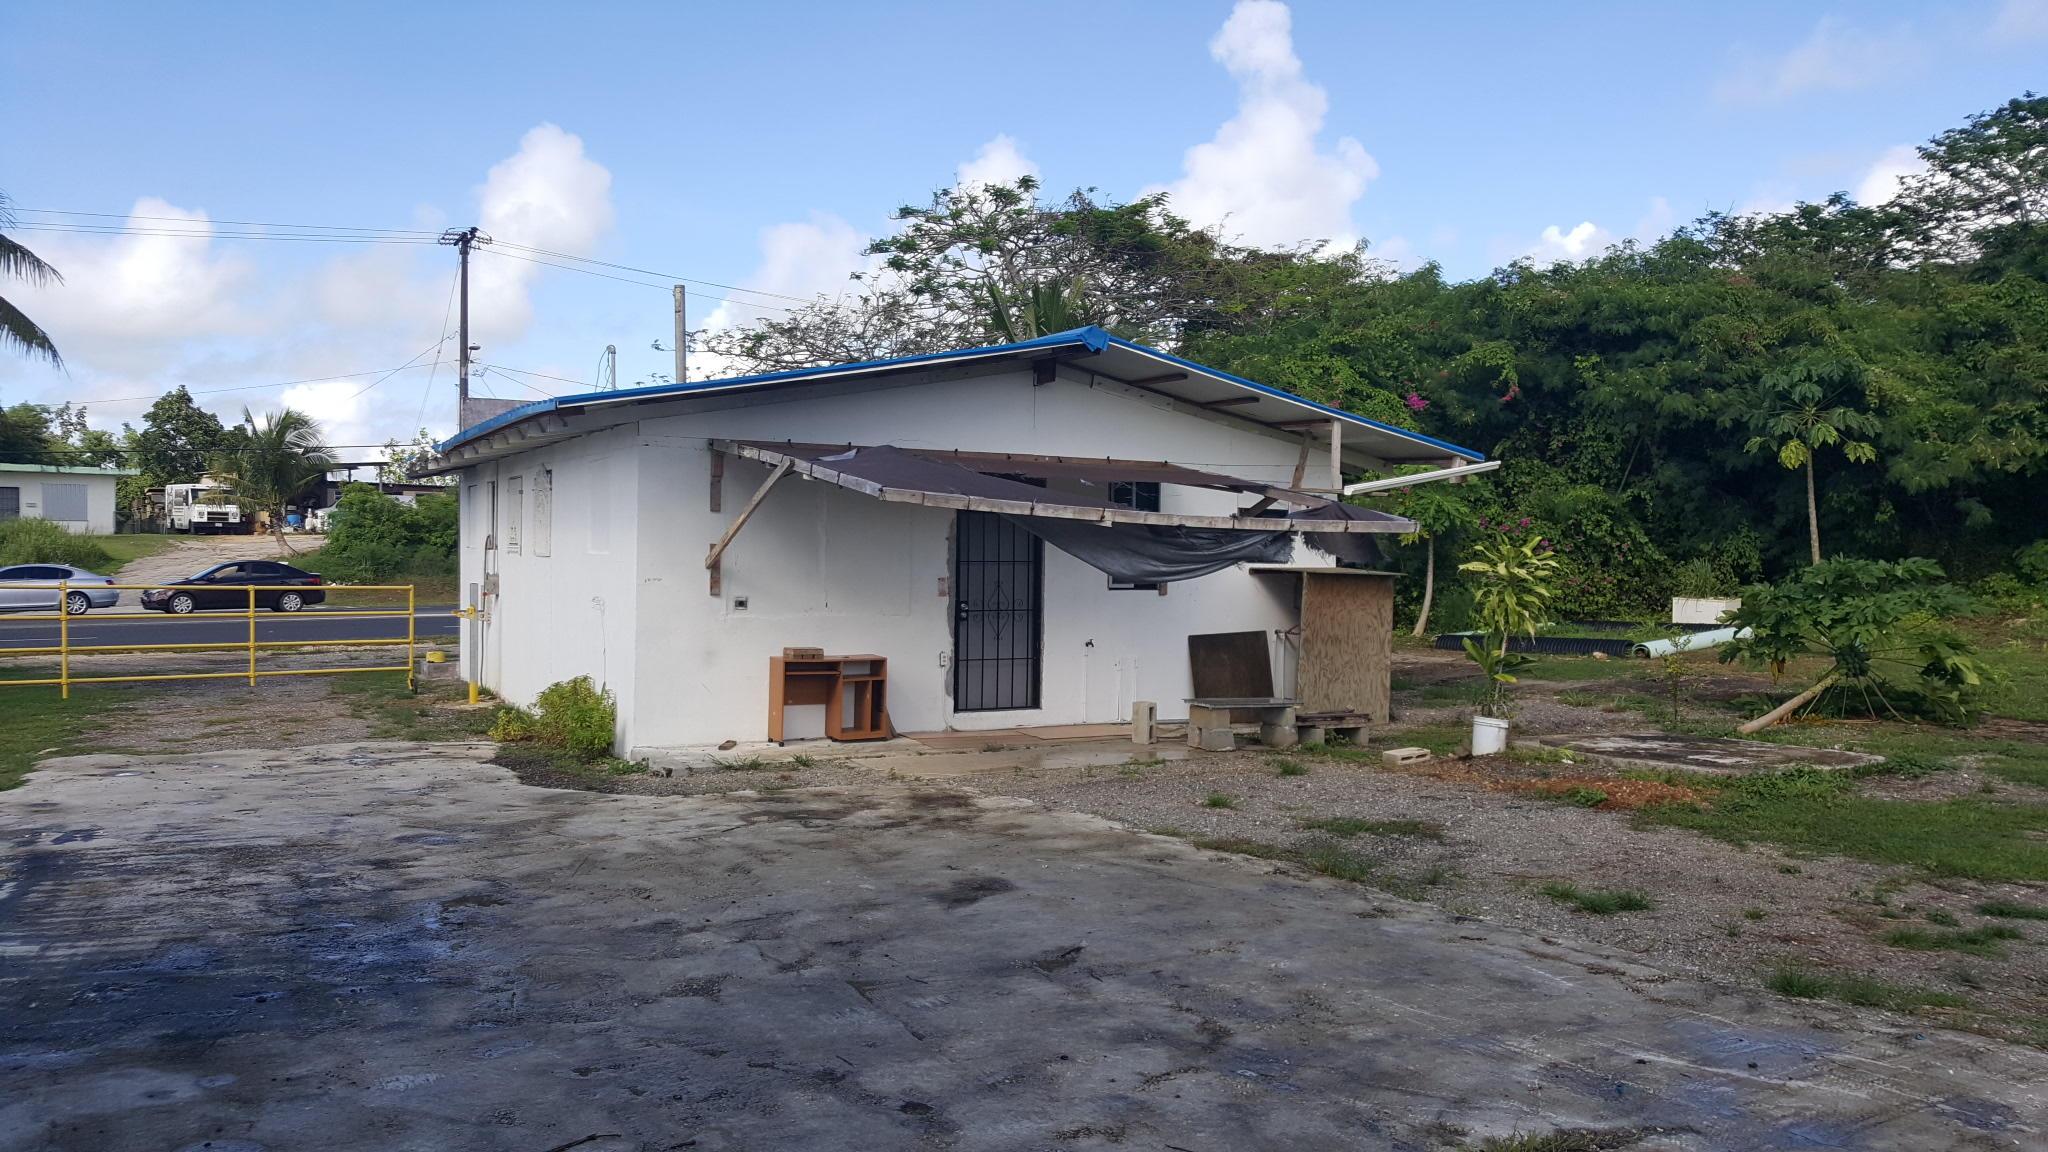 Route 4 L3234SH-1 & L3235-1, Ordot-Chalan Pago, GU 96910